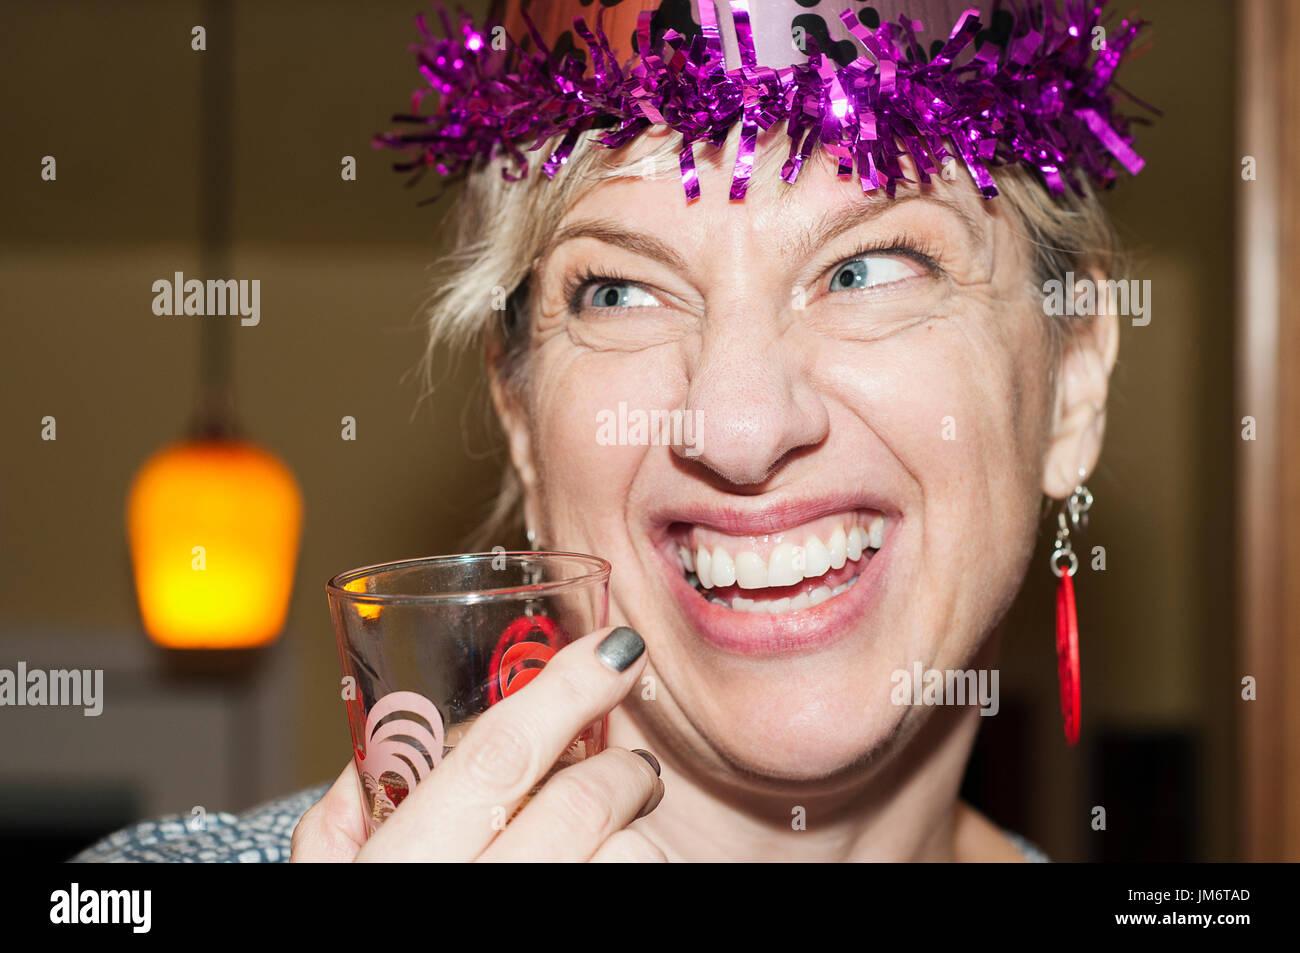 Una mujer vistiendo un gorro de fiesta en una celebración de cumpleaños. Imagen De Stock